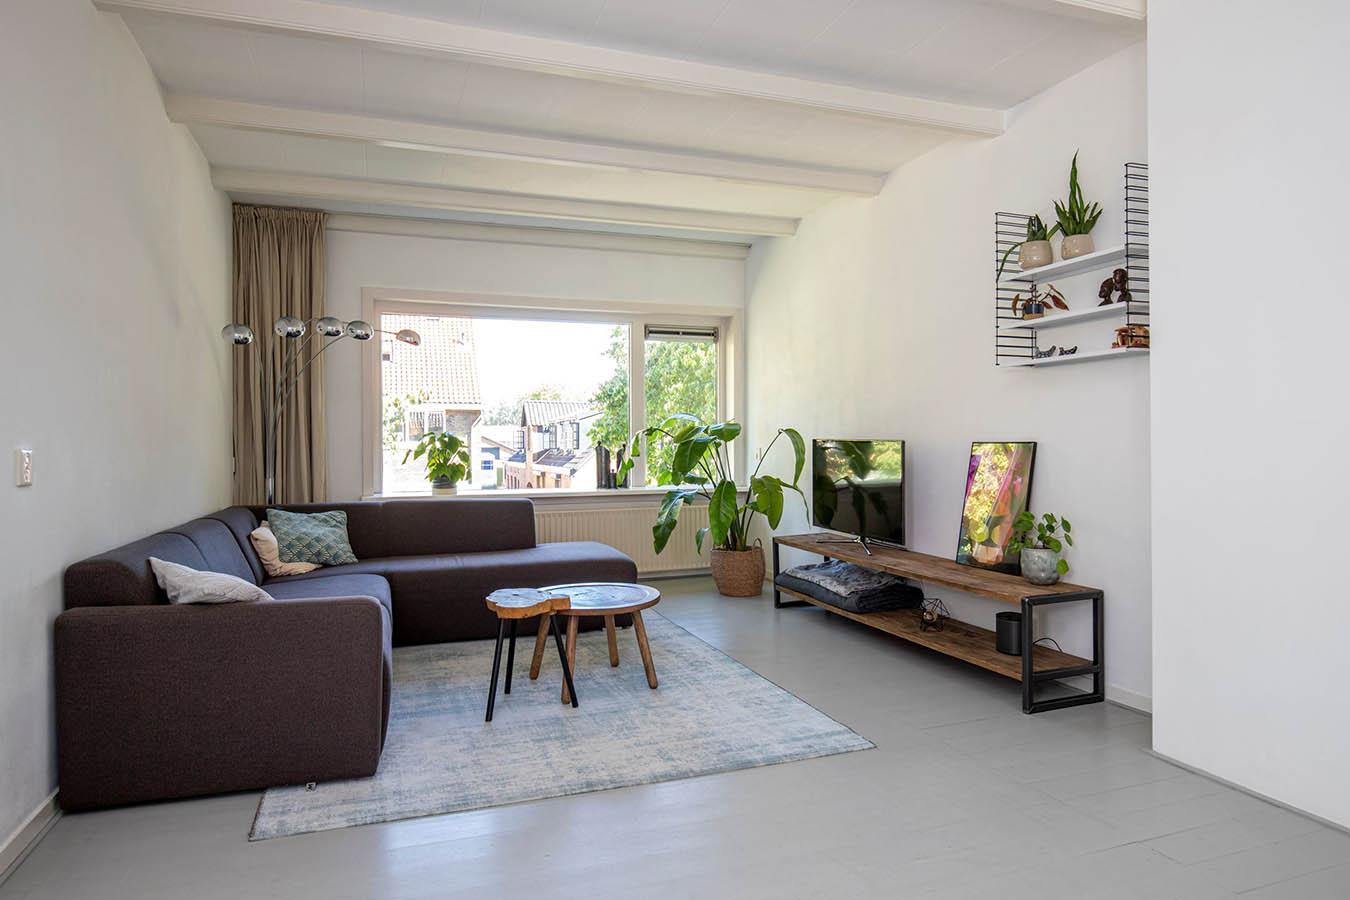 woonkamer van een woning in arnhem